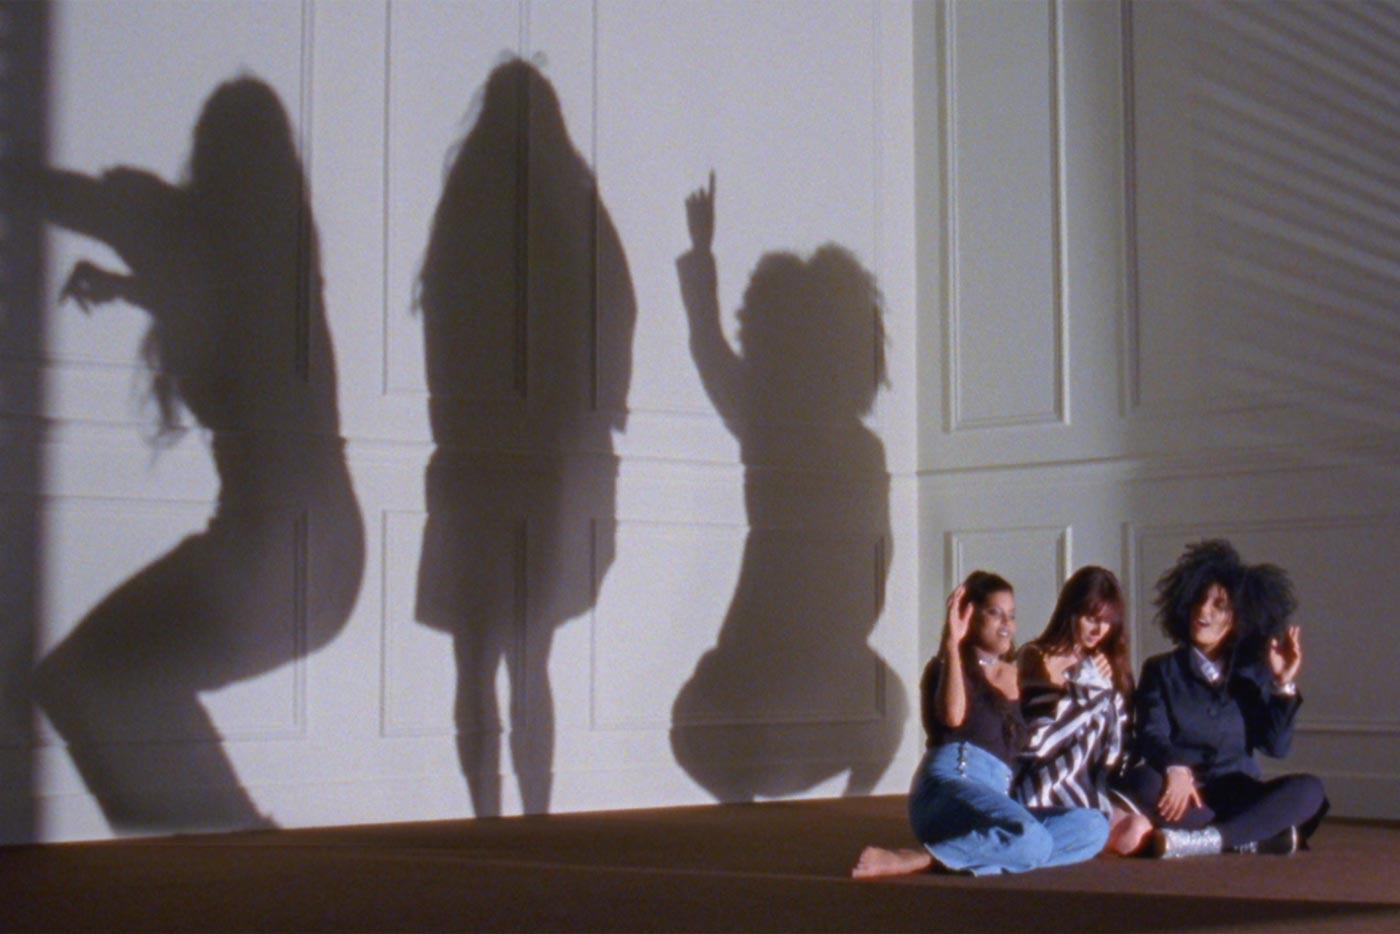 """Ibeyi, Mala Rodríguez y CANADA se unen en el vídeo de """"Me voy"""""""